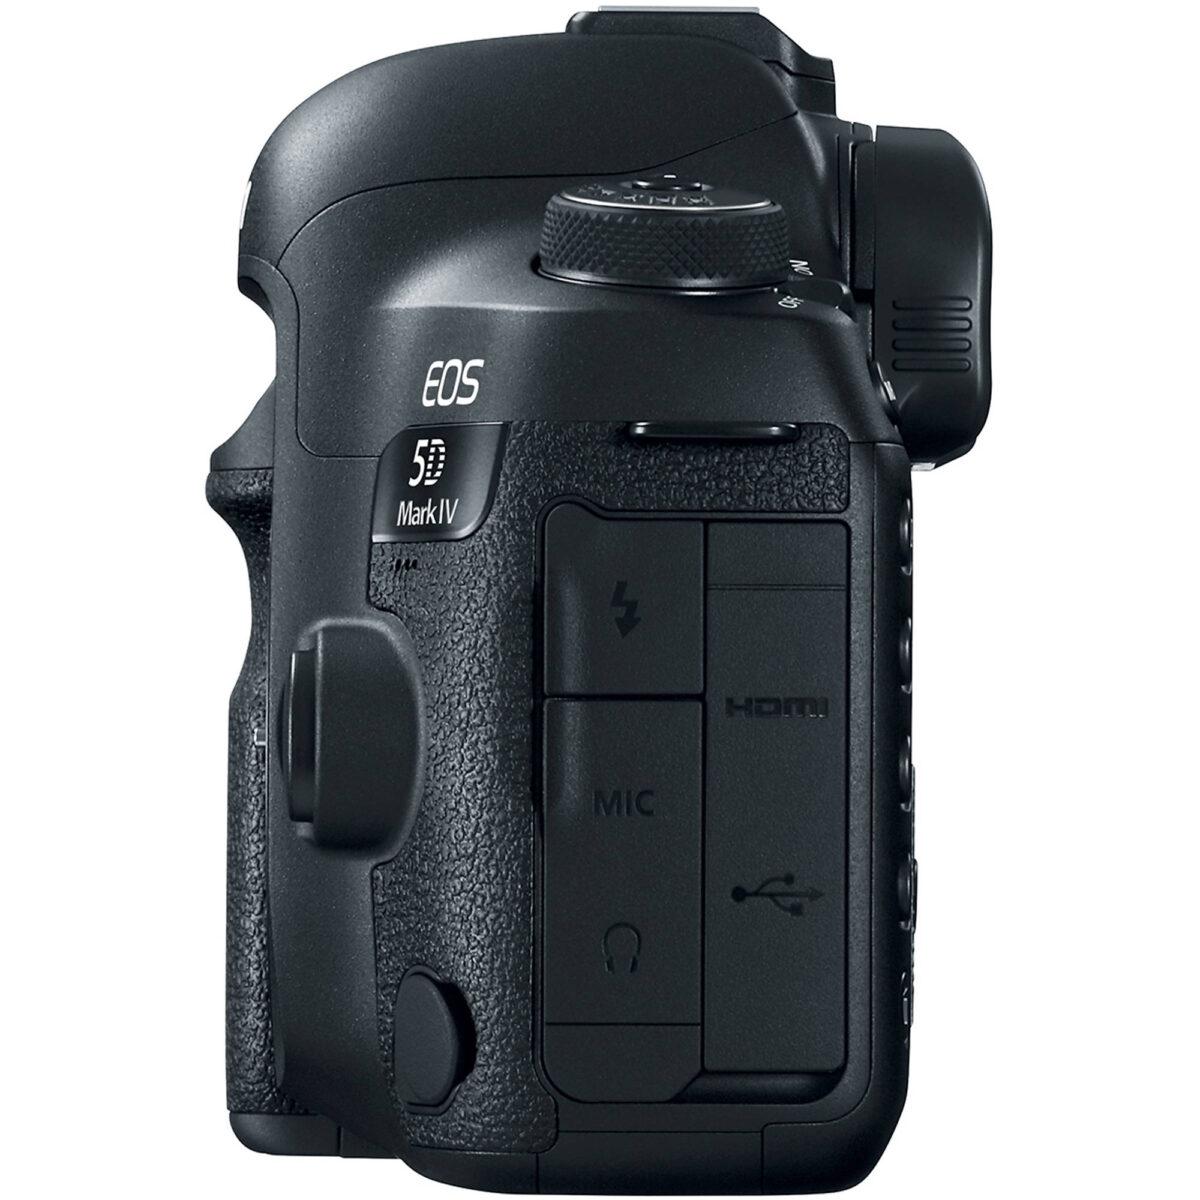 مناسبت ترین قیمت دوربین canon eos 5d mark IV تایپ 2 - یزد کمرا